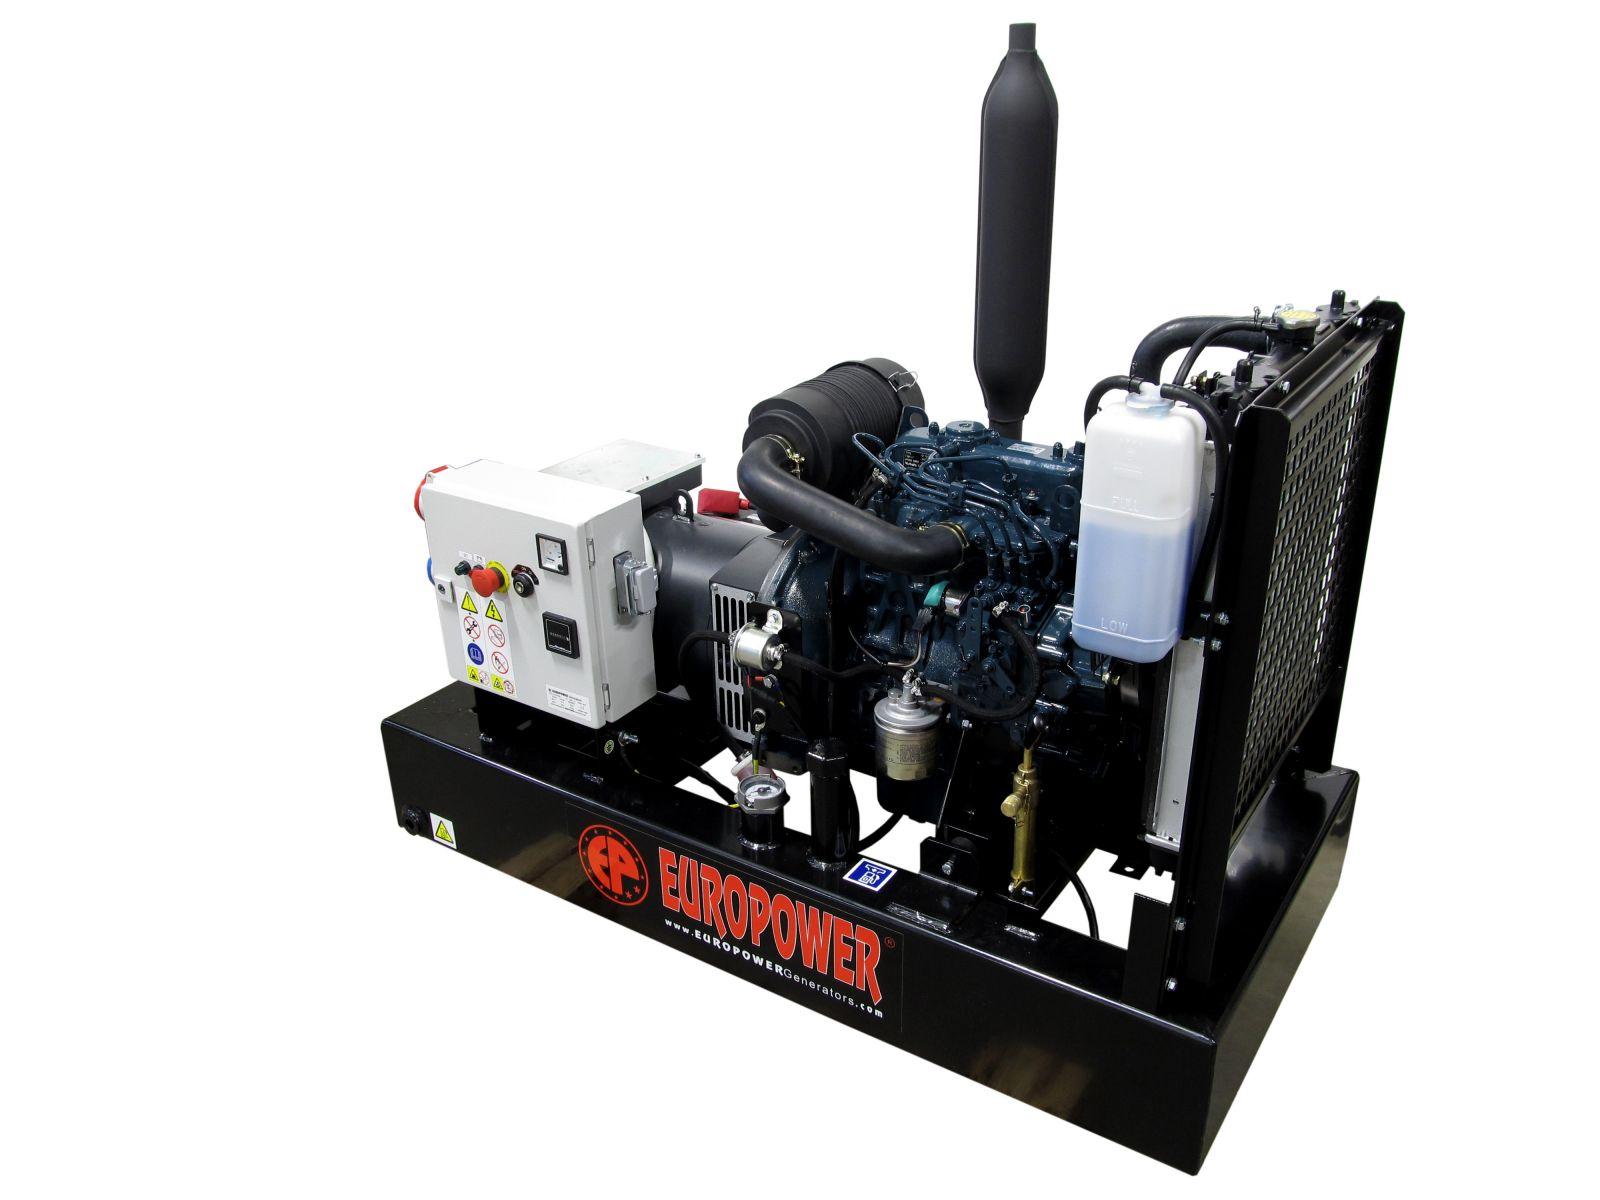 EP113TDE - 1. servis a doprava v ceně. Naftová třífázová elektrocentrála Europower